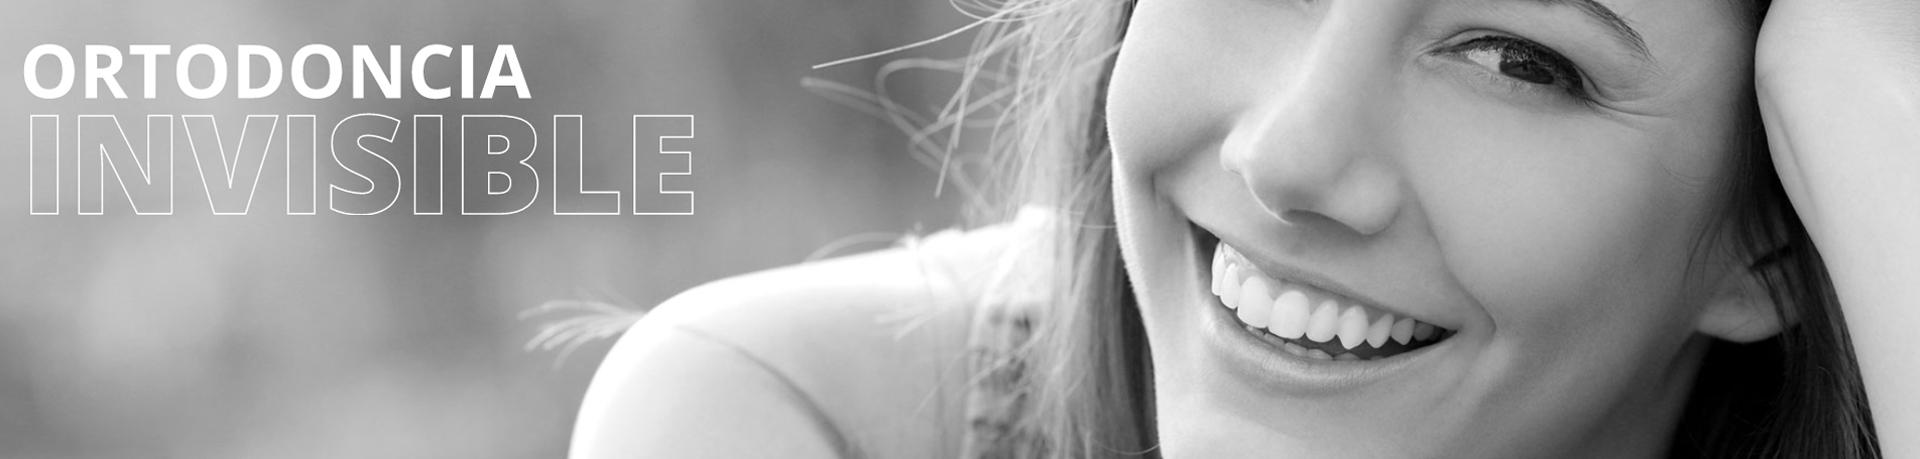 ortodoncia invisible zaragoza cabecera